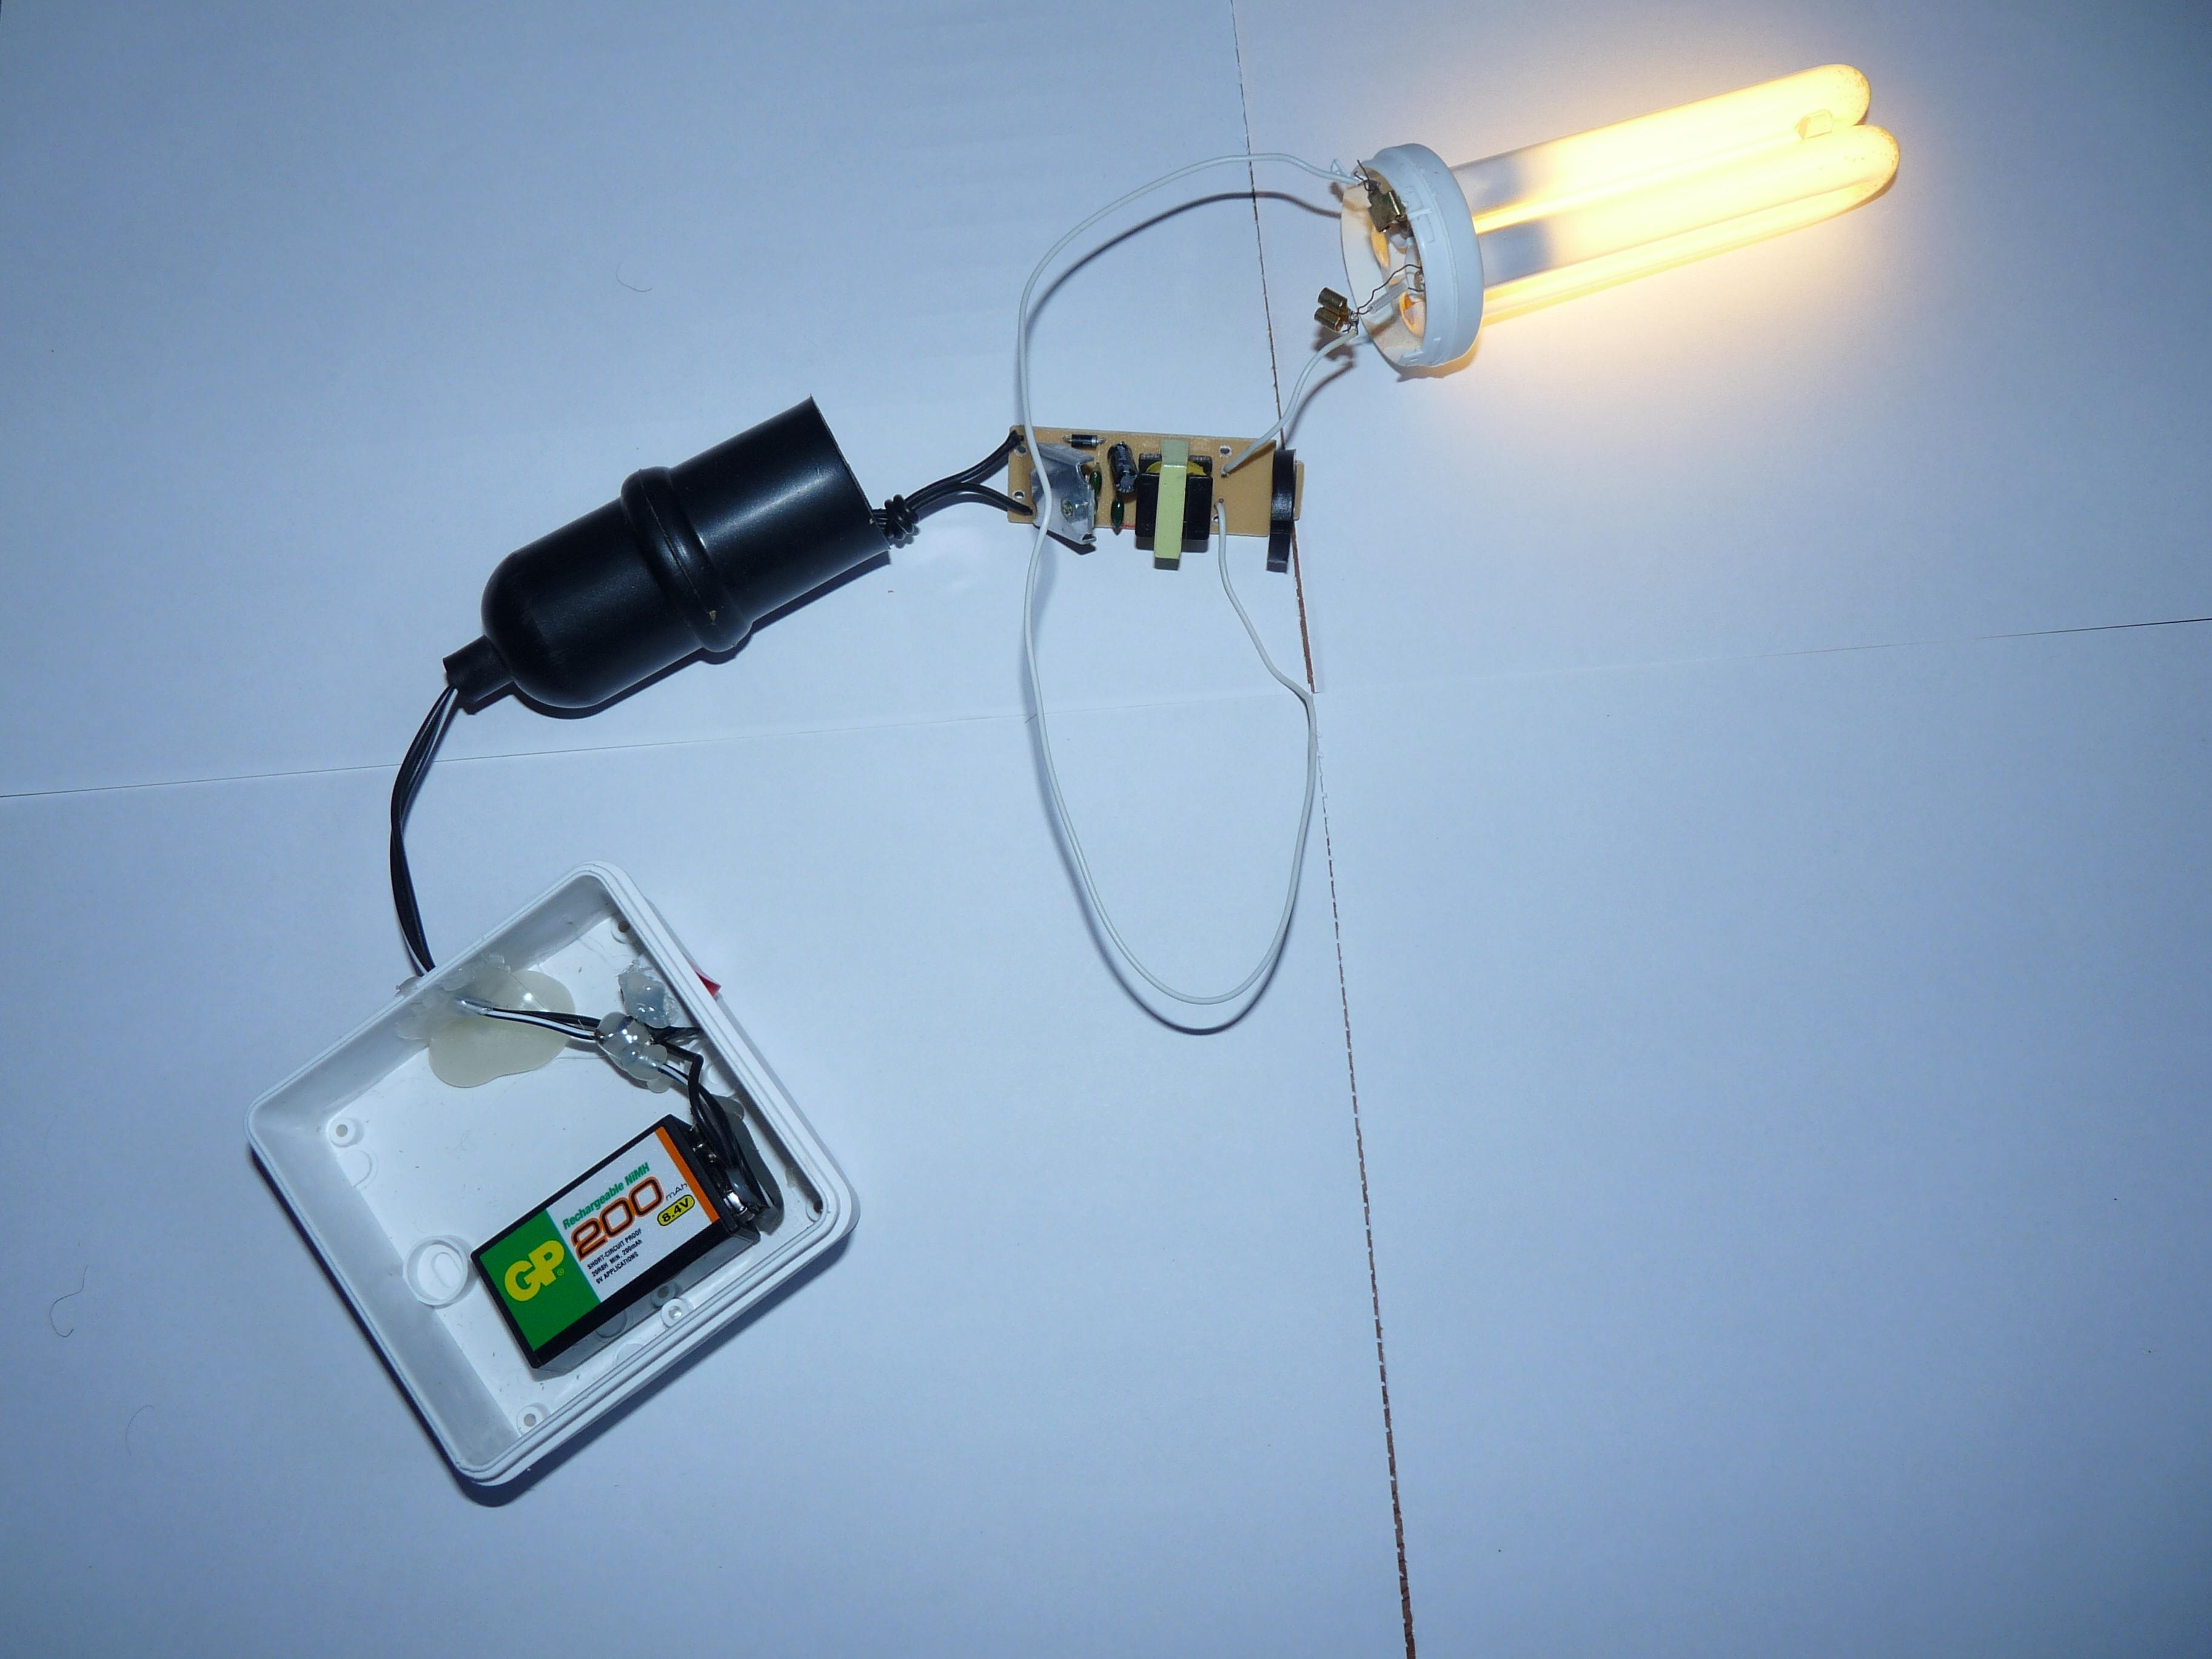 схема включения лампы днат-70